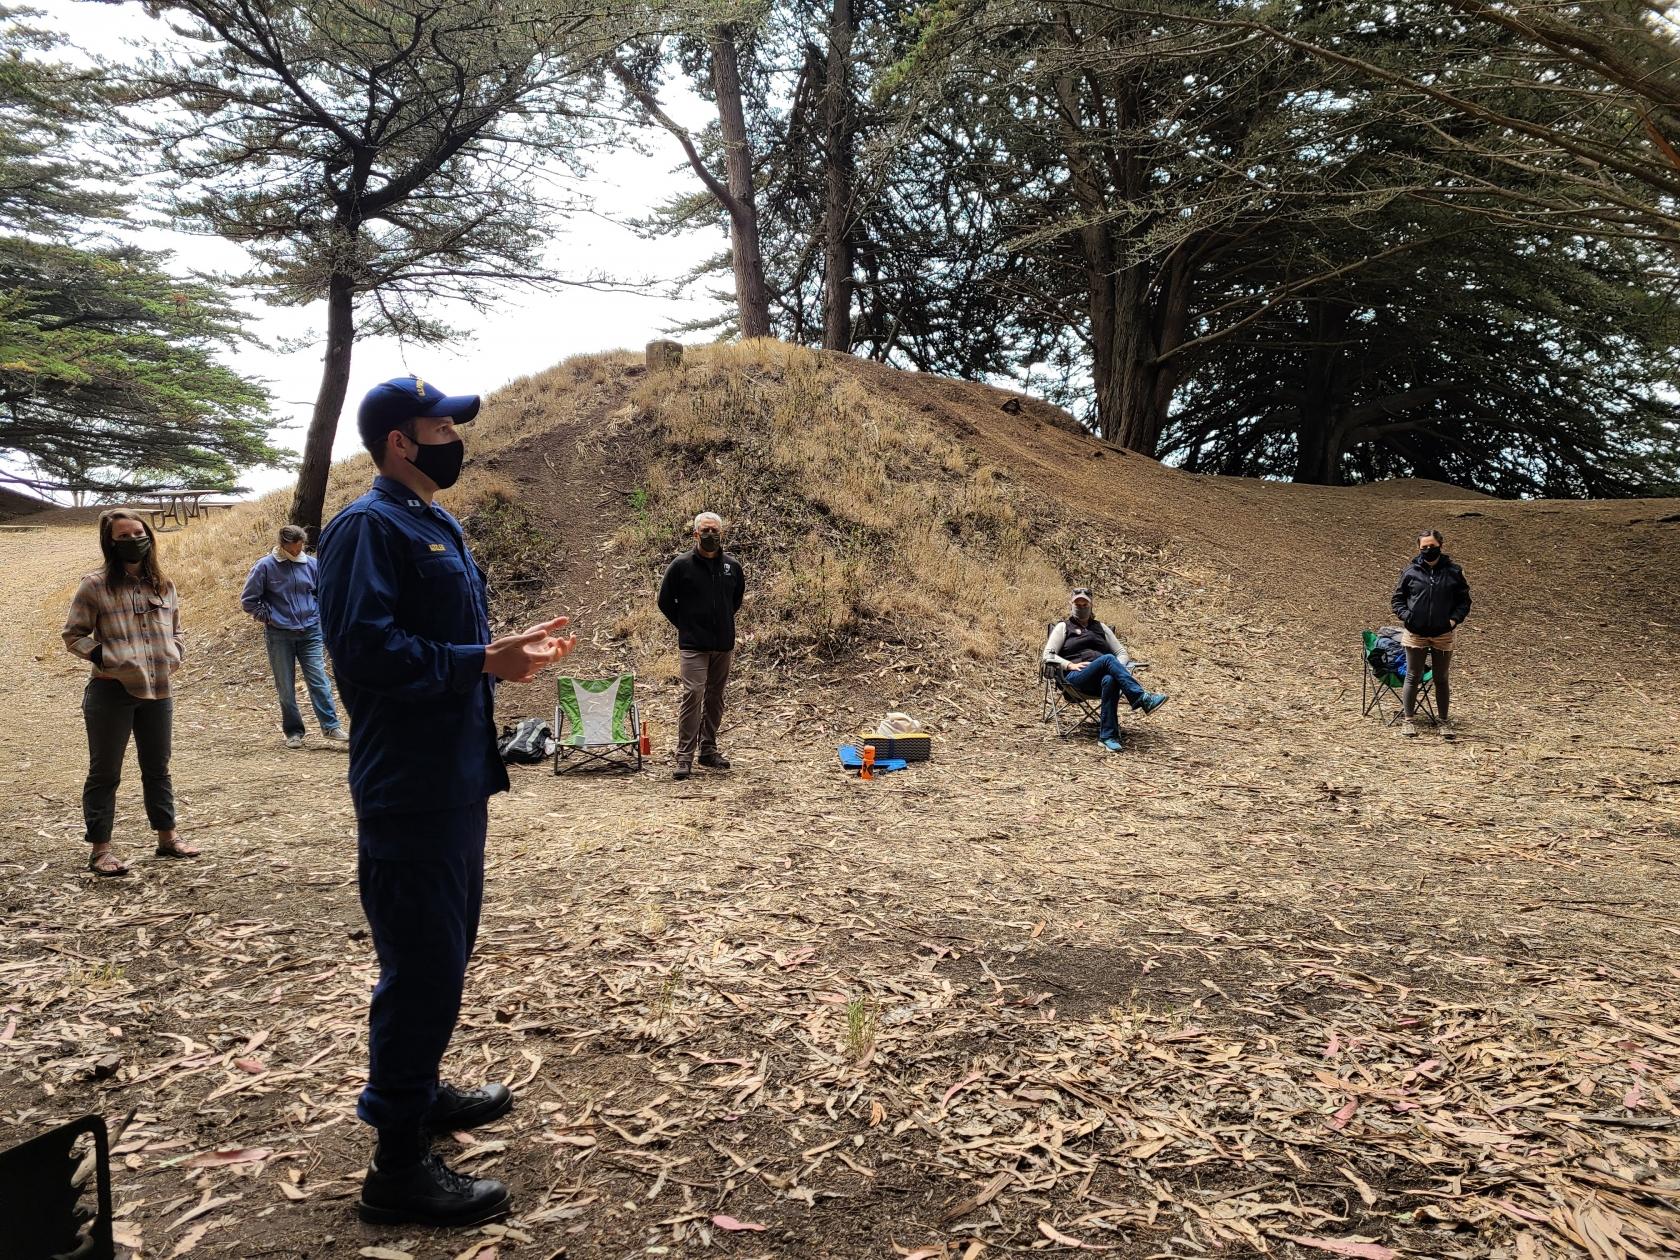 LCDR Matt Kozler, con una máscara, habla con un grupo de personas, también con máscaras y de pie lejos el uno del otro.